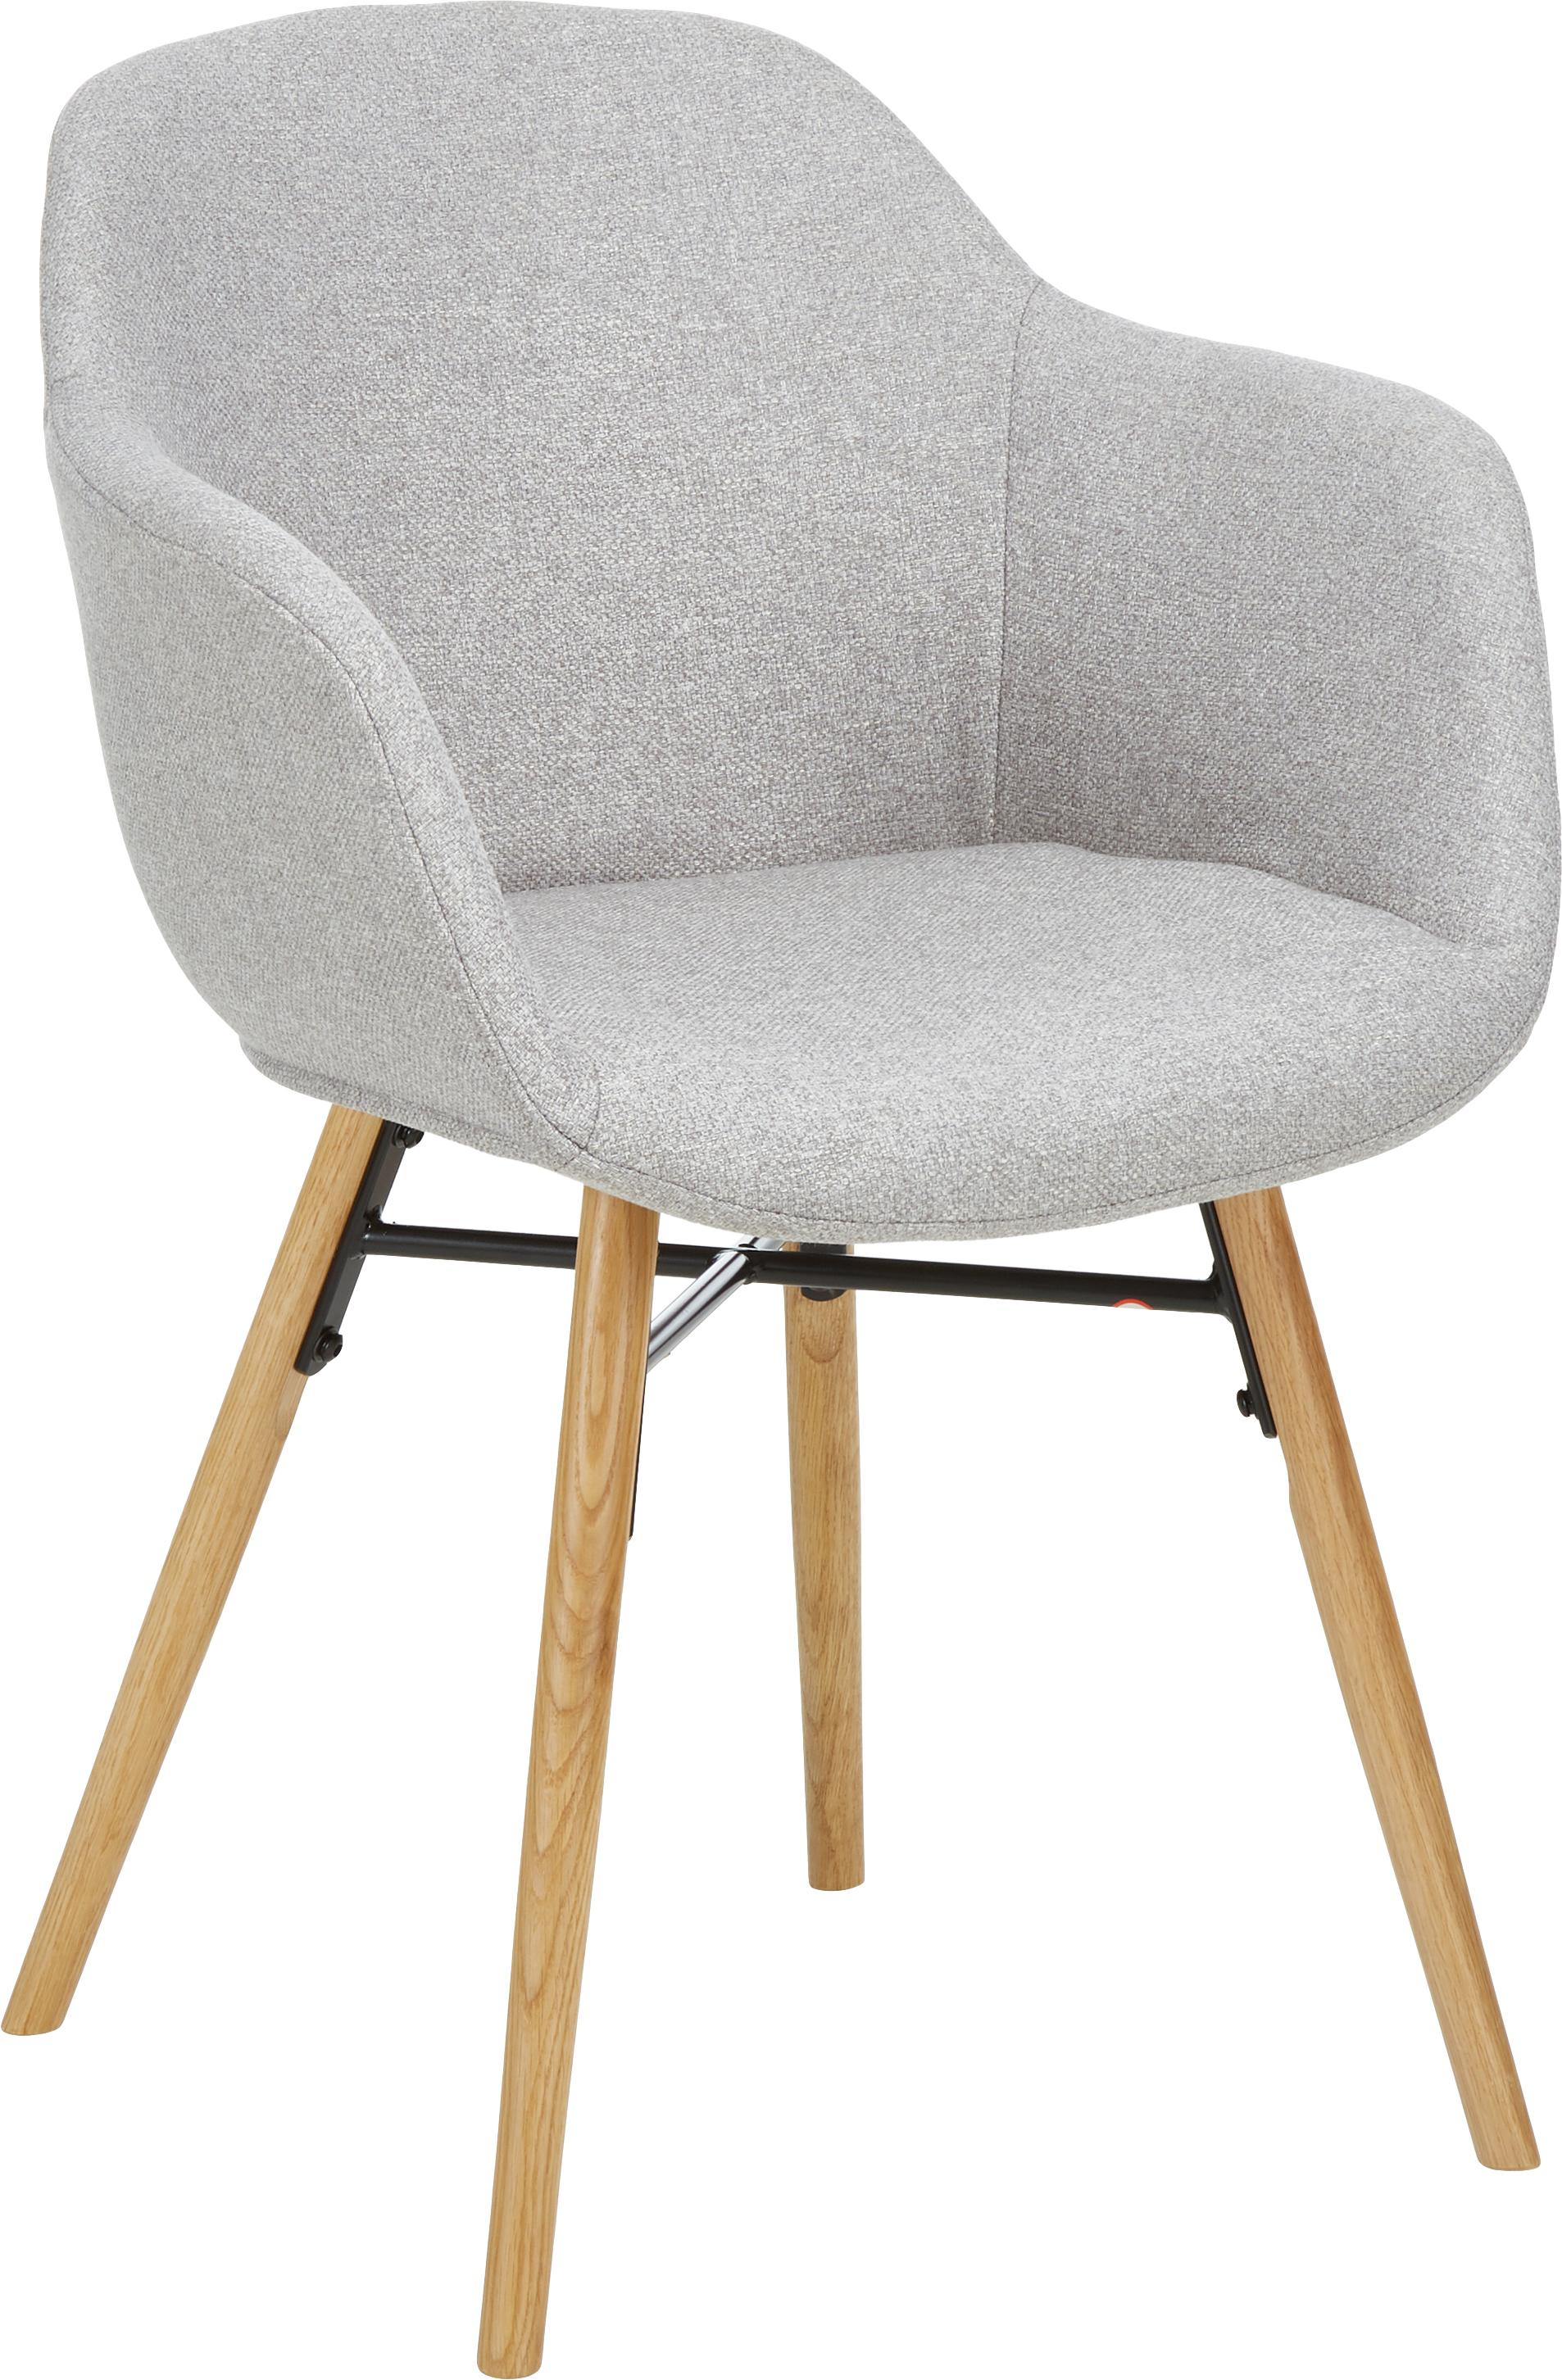 Sedia imbottita con gambe in legno Fiji, Rivestimento: poliestere 40.000 cicli d, Gambe: legno di quercia massicci, Tessuto grigio chiaro, Larg. 59 x Prof. 55 cm